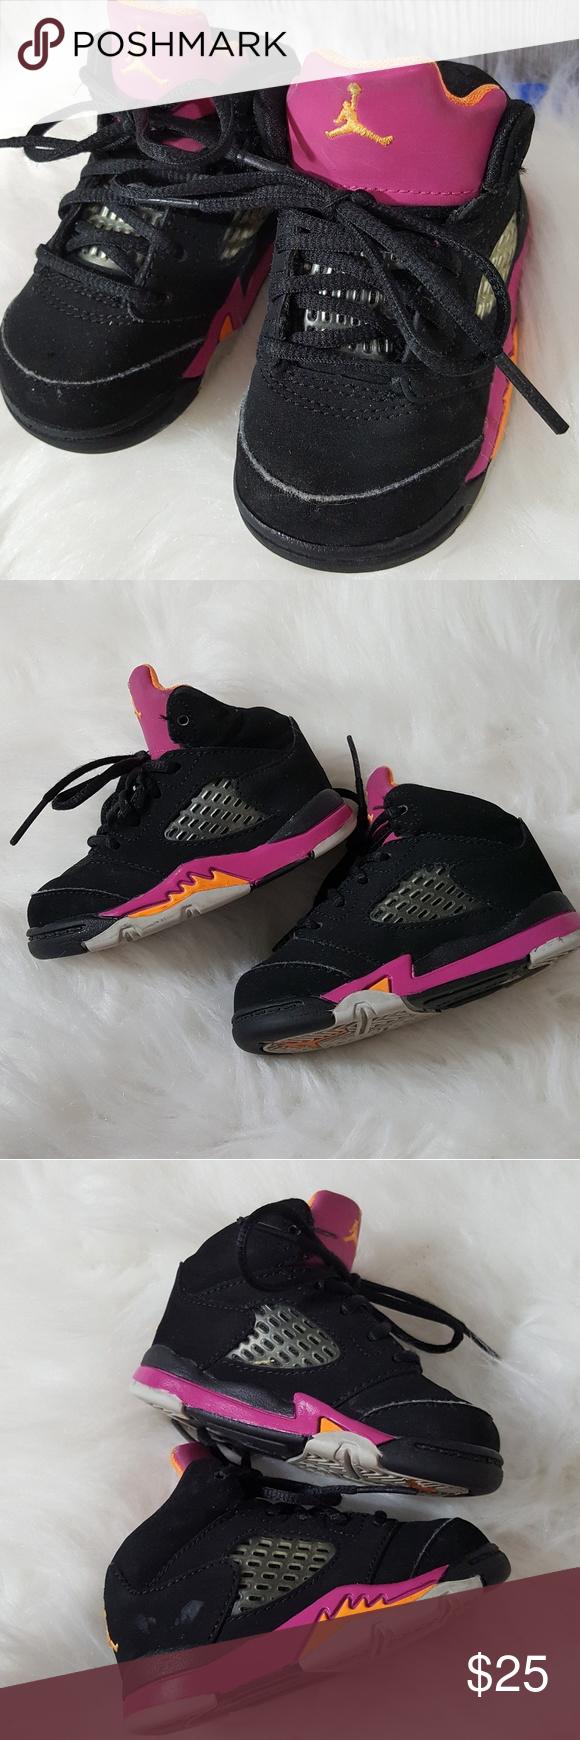 4c Infant Girl Baby Jordans My Posh Picks Pinterest Shoes